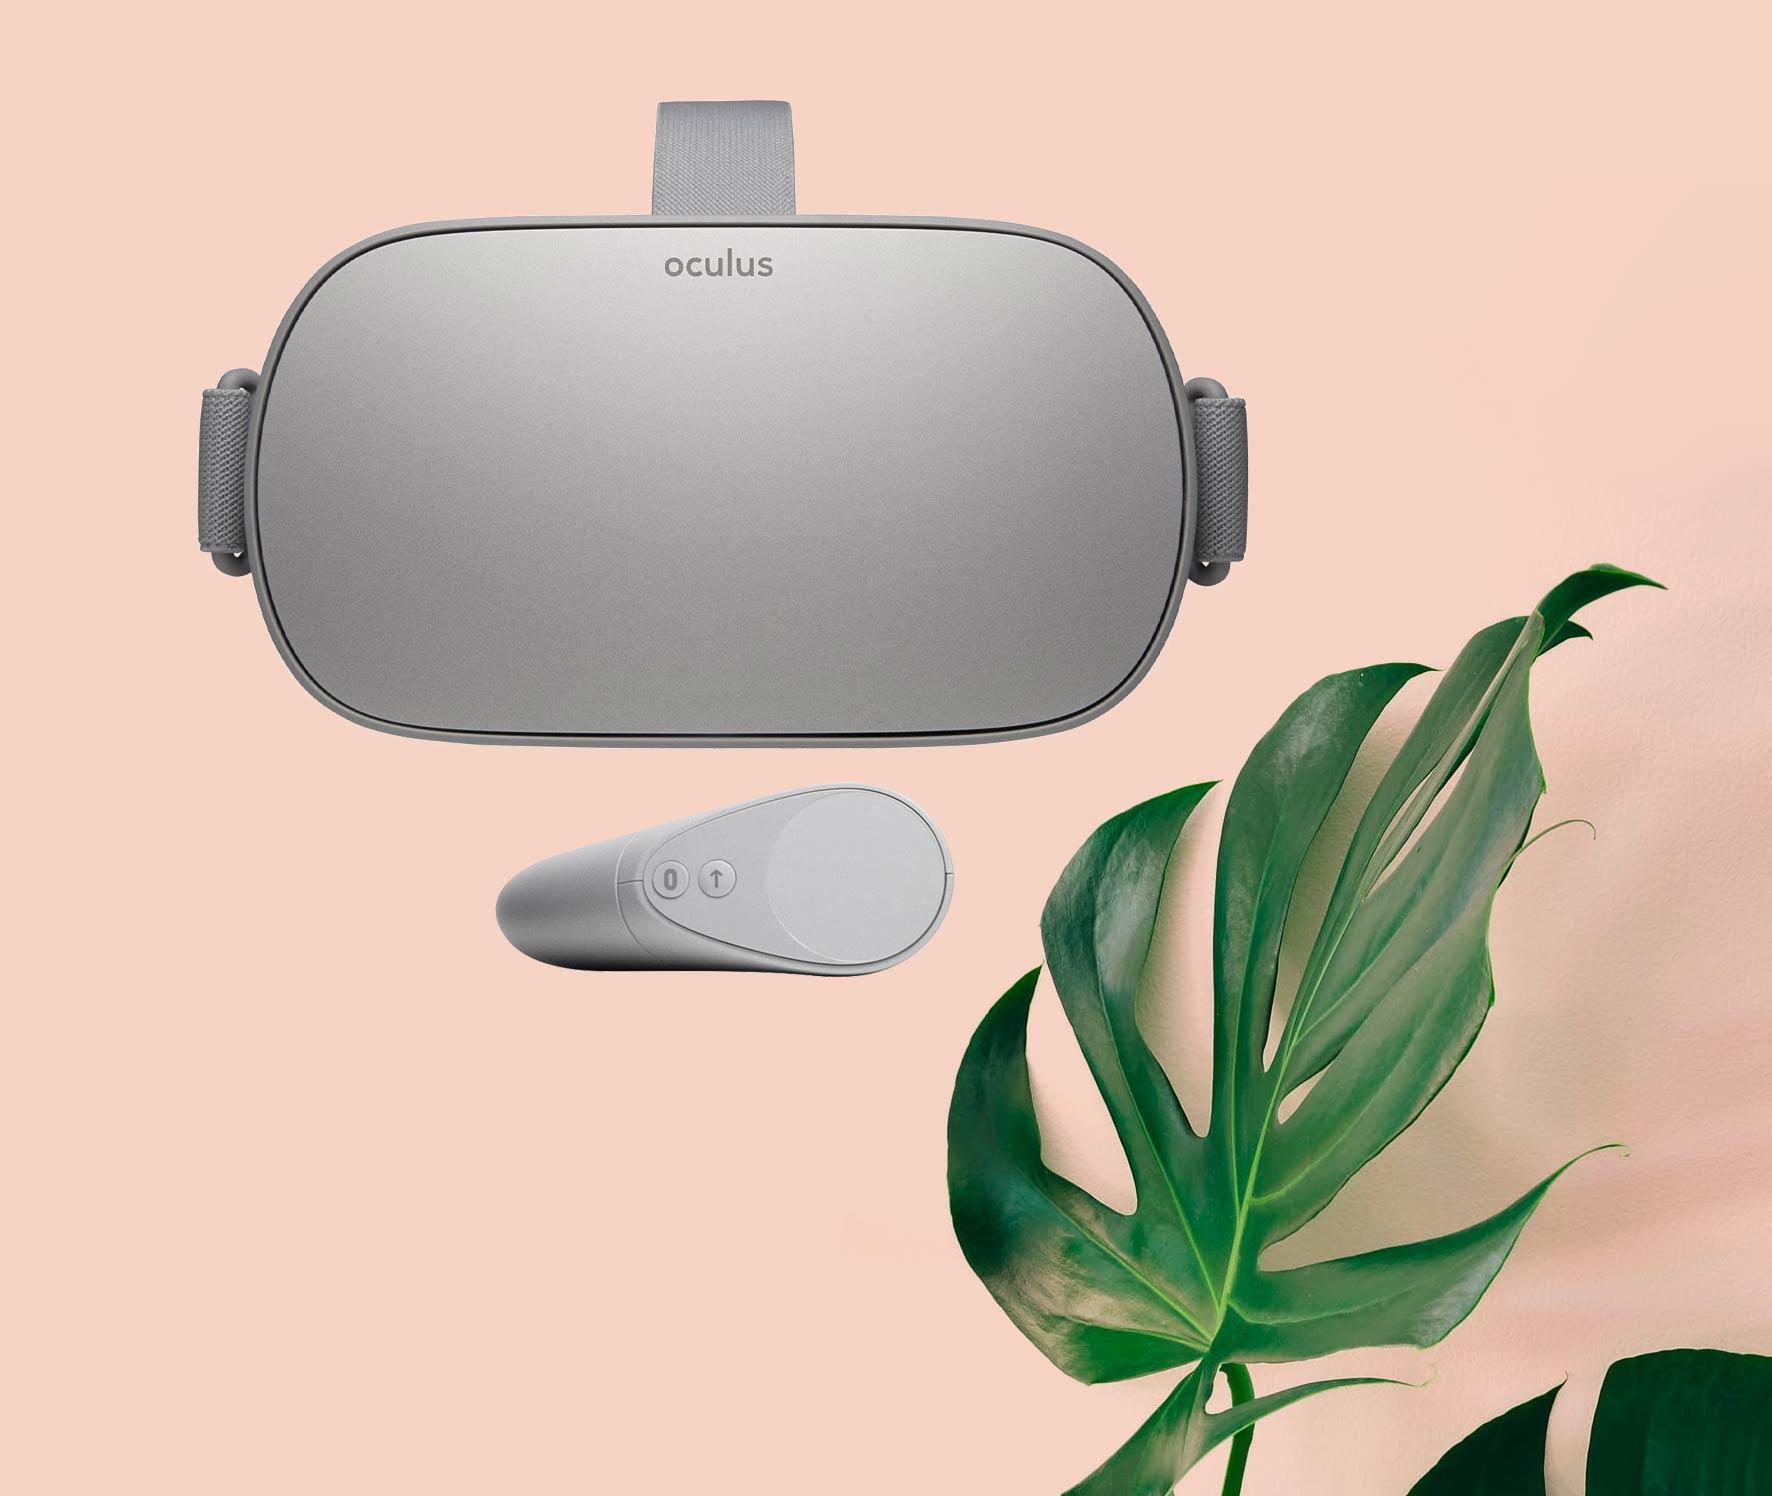 glo-plant-oculus-square